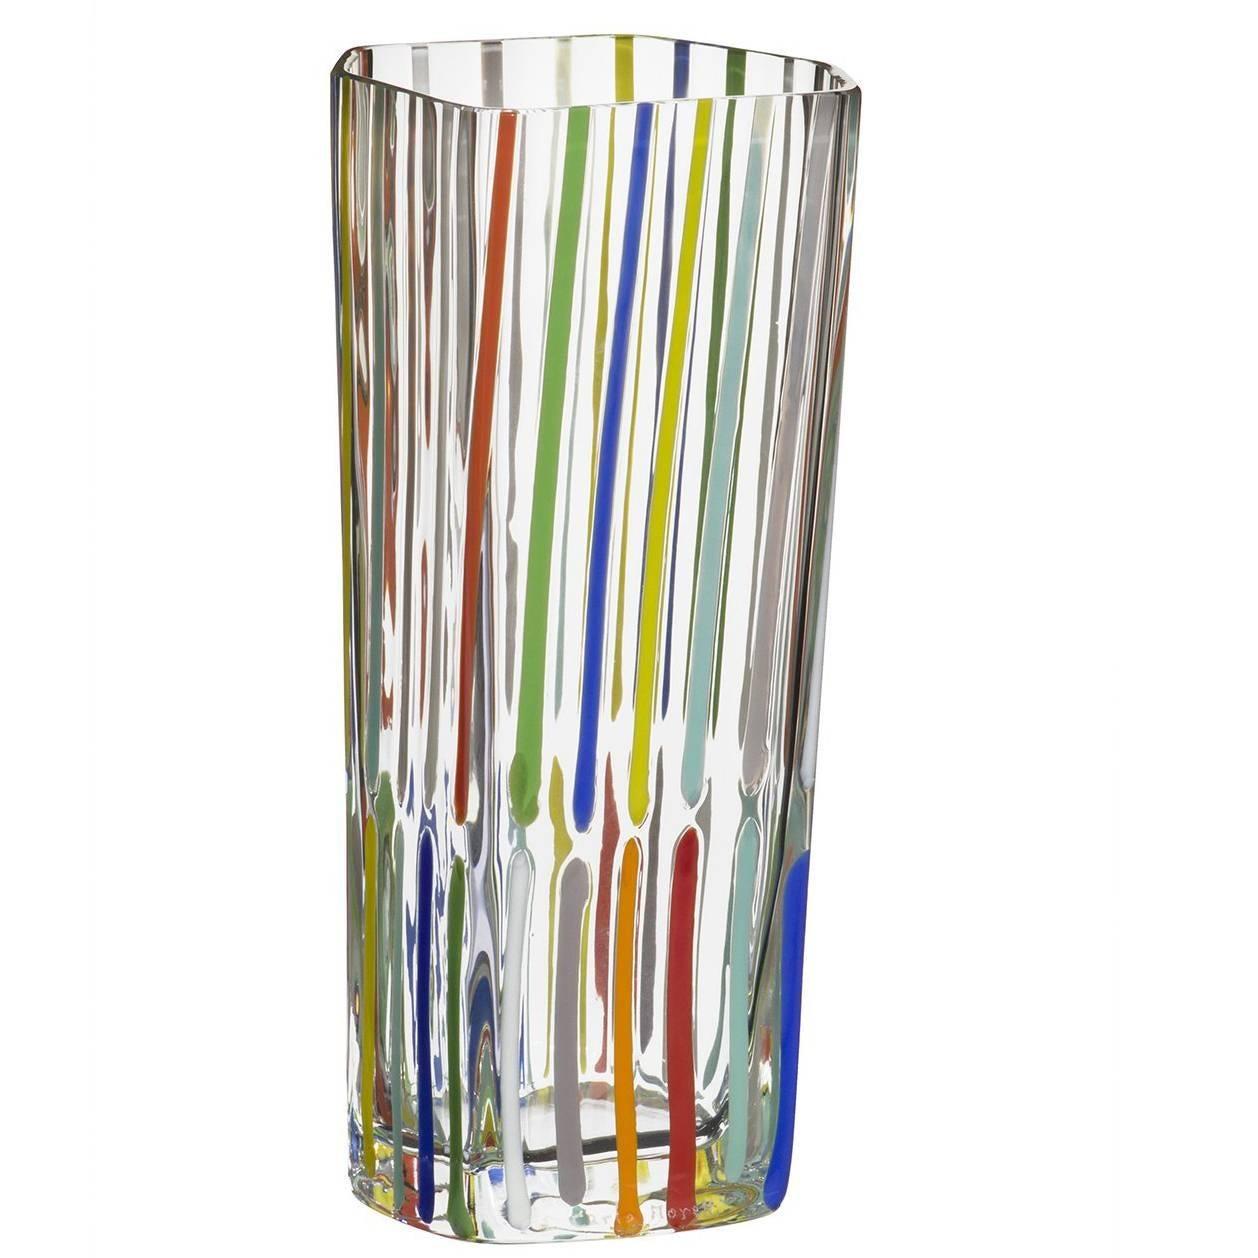 Rover Carlo Moretti Contemporary Murano Mouth Blown Glass Vase